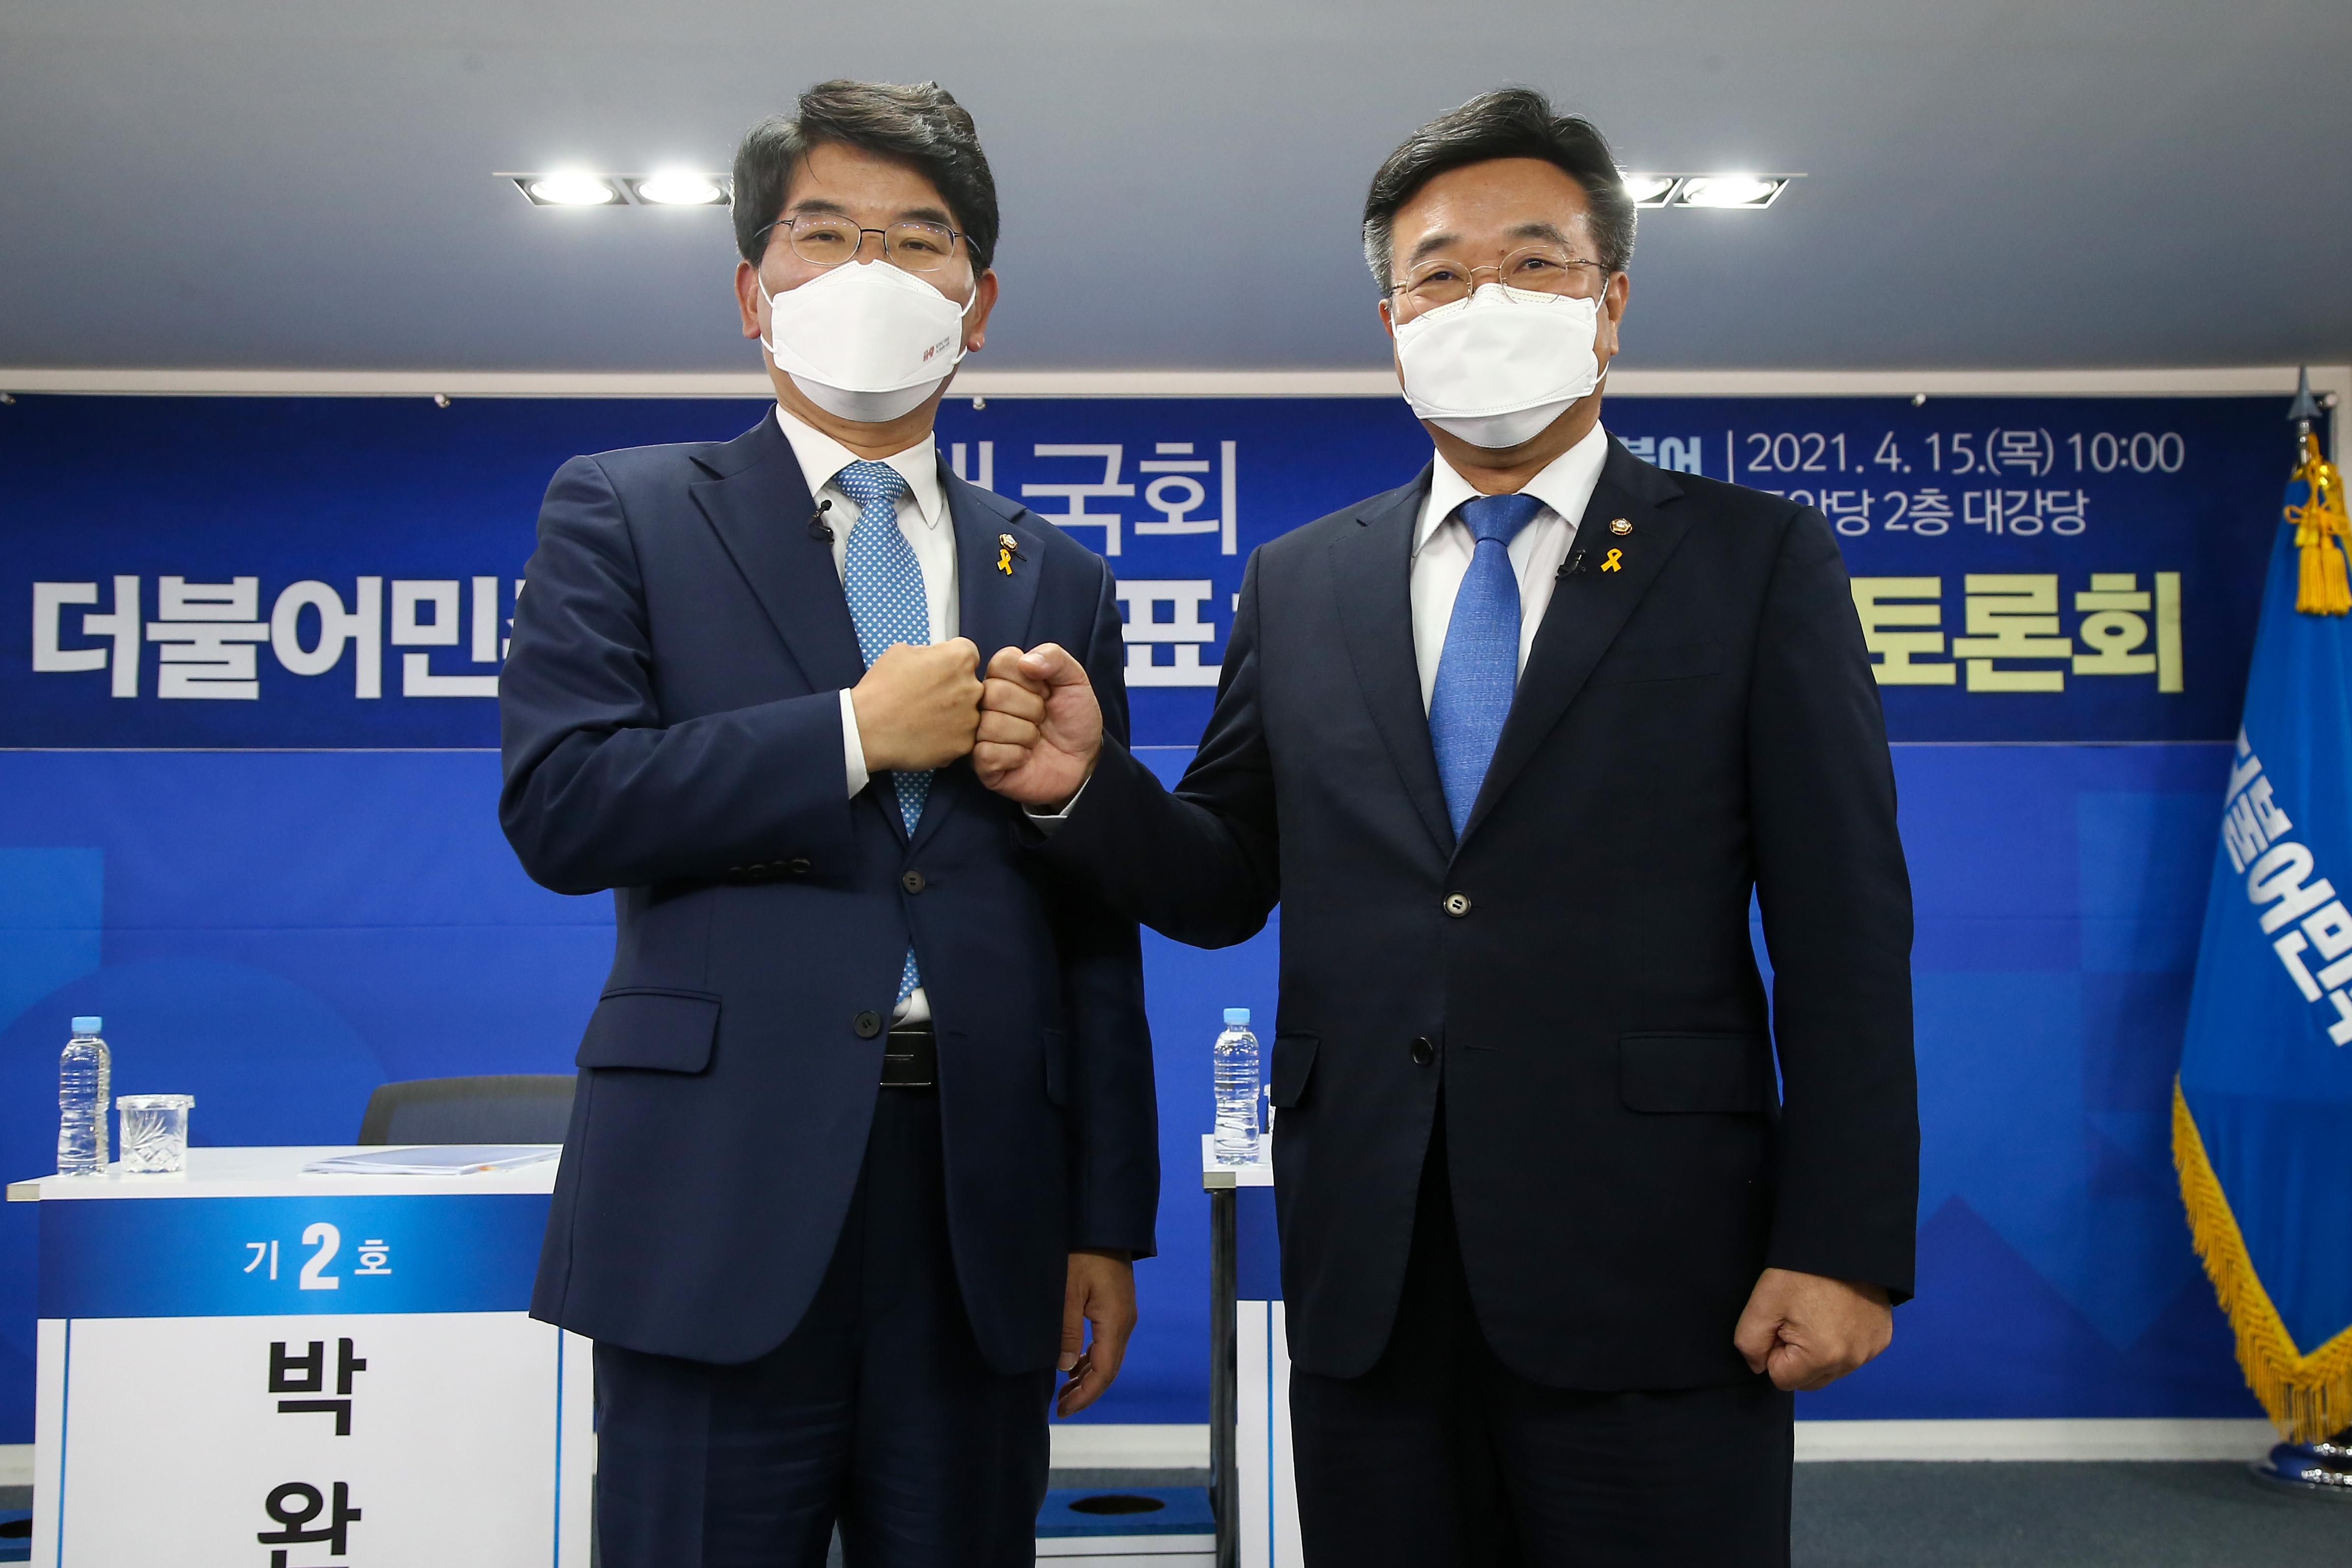 민주당, 내일 원내대표 선출…'윤호중·박완주 마지막 토론'